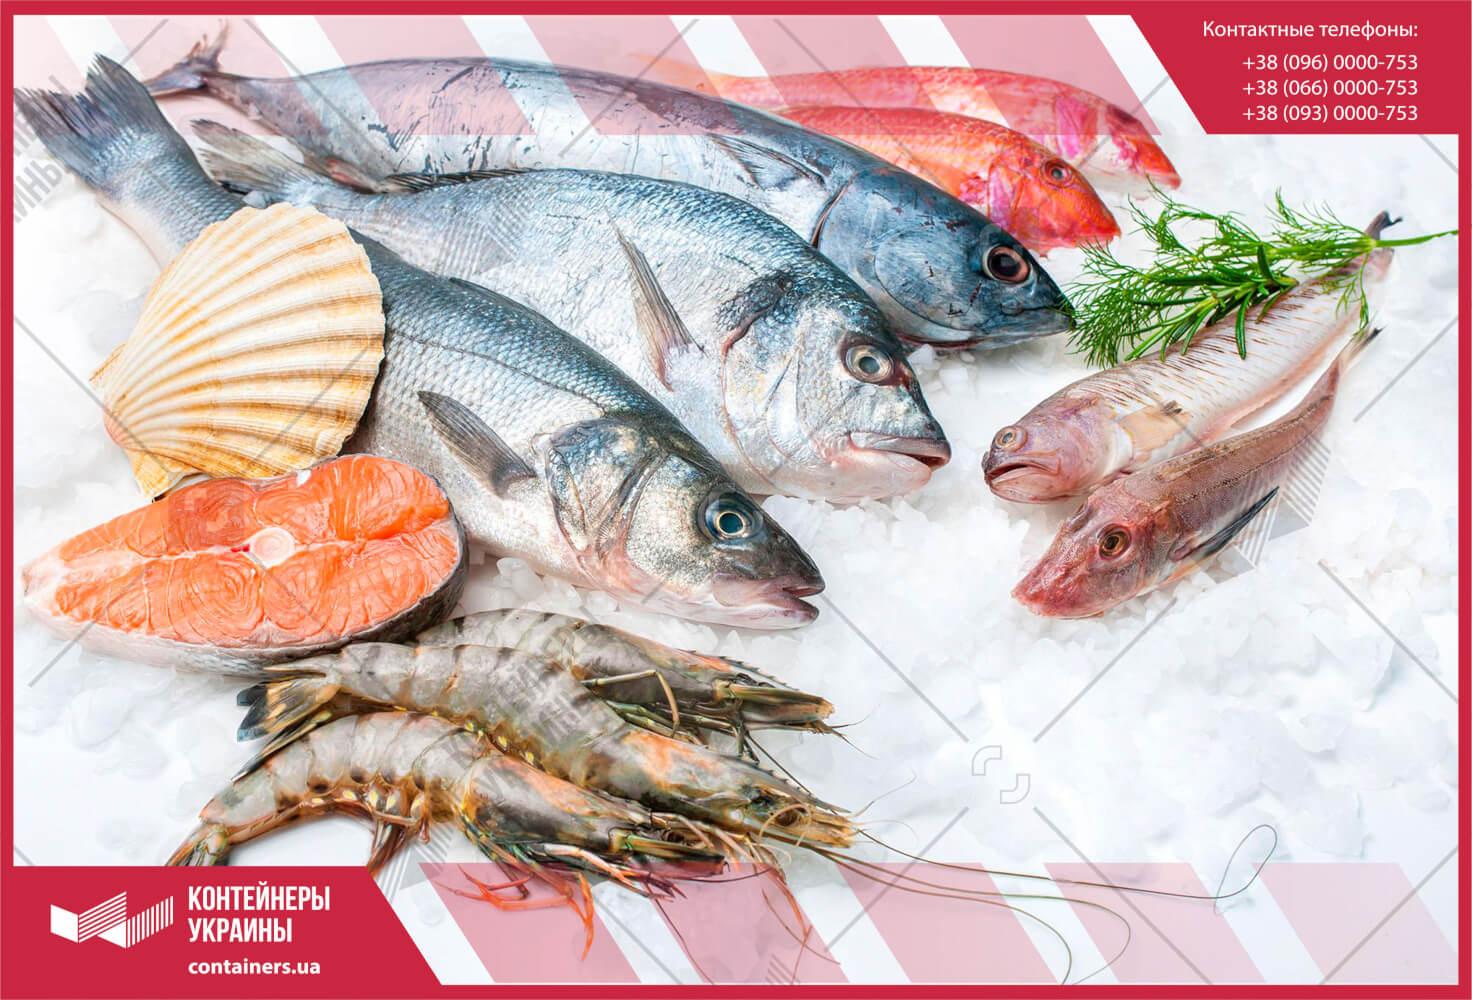 Как хранить и перевозить рыбу и морепродукты